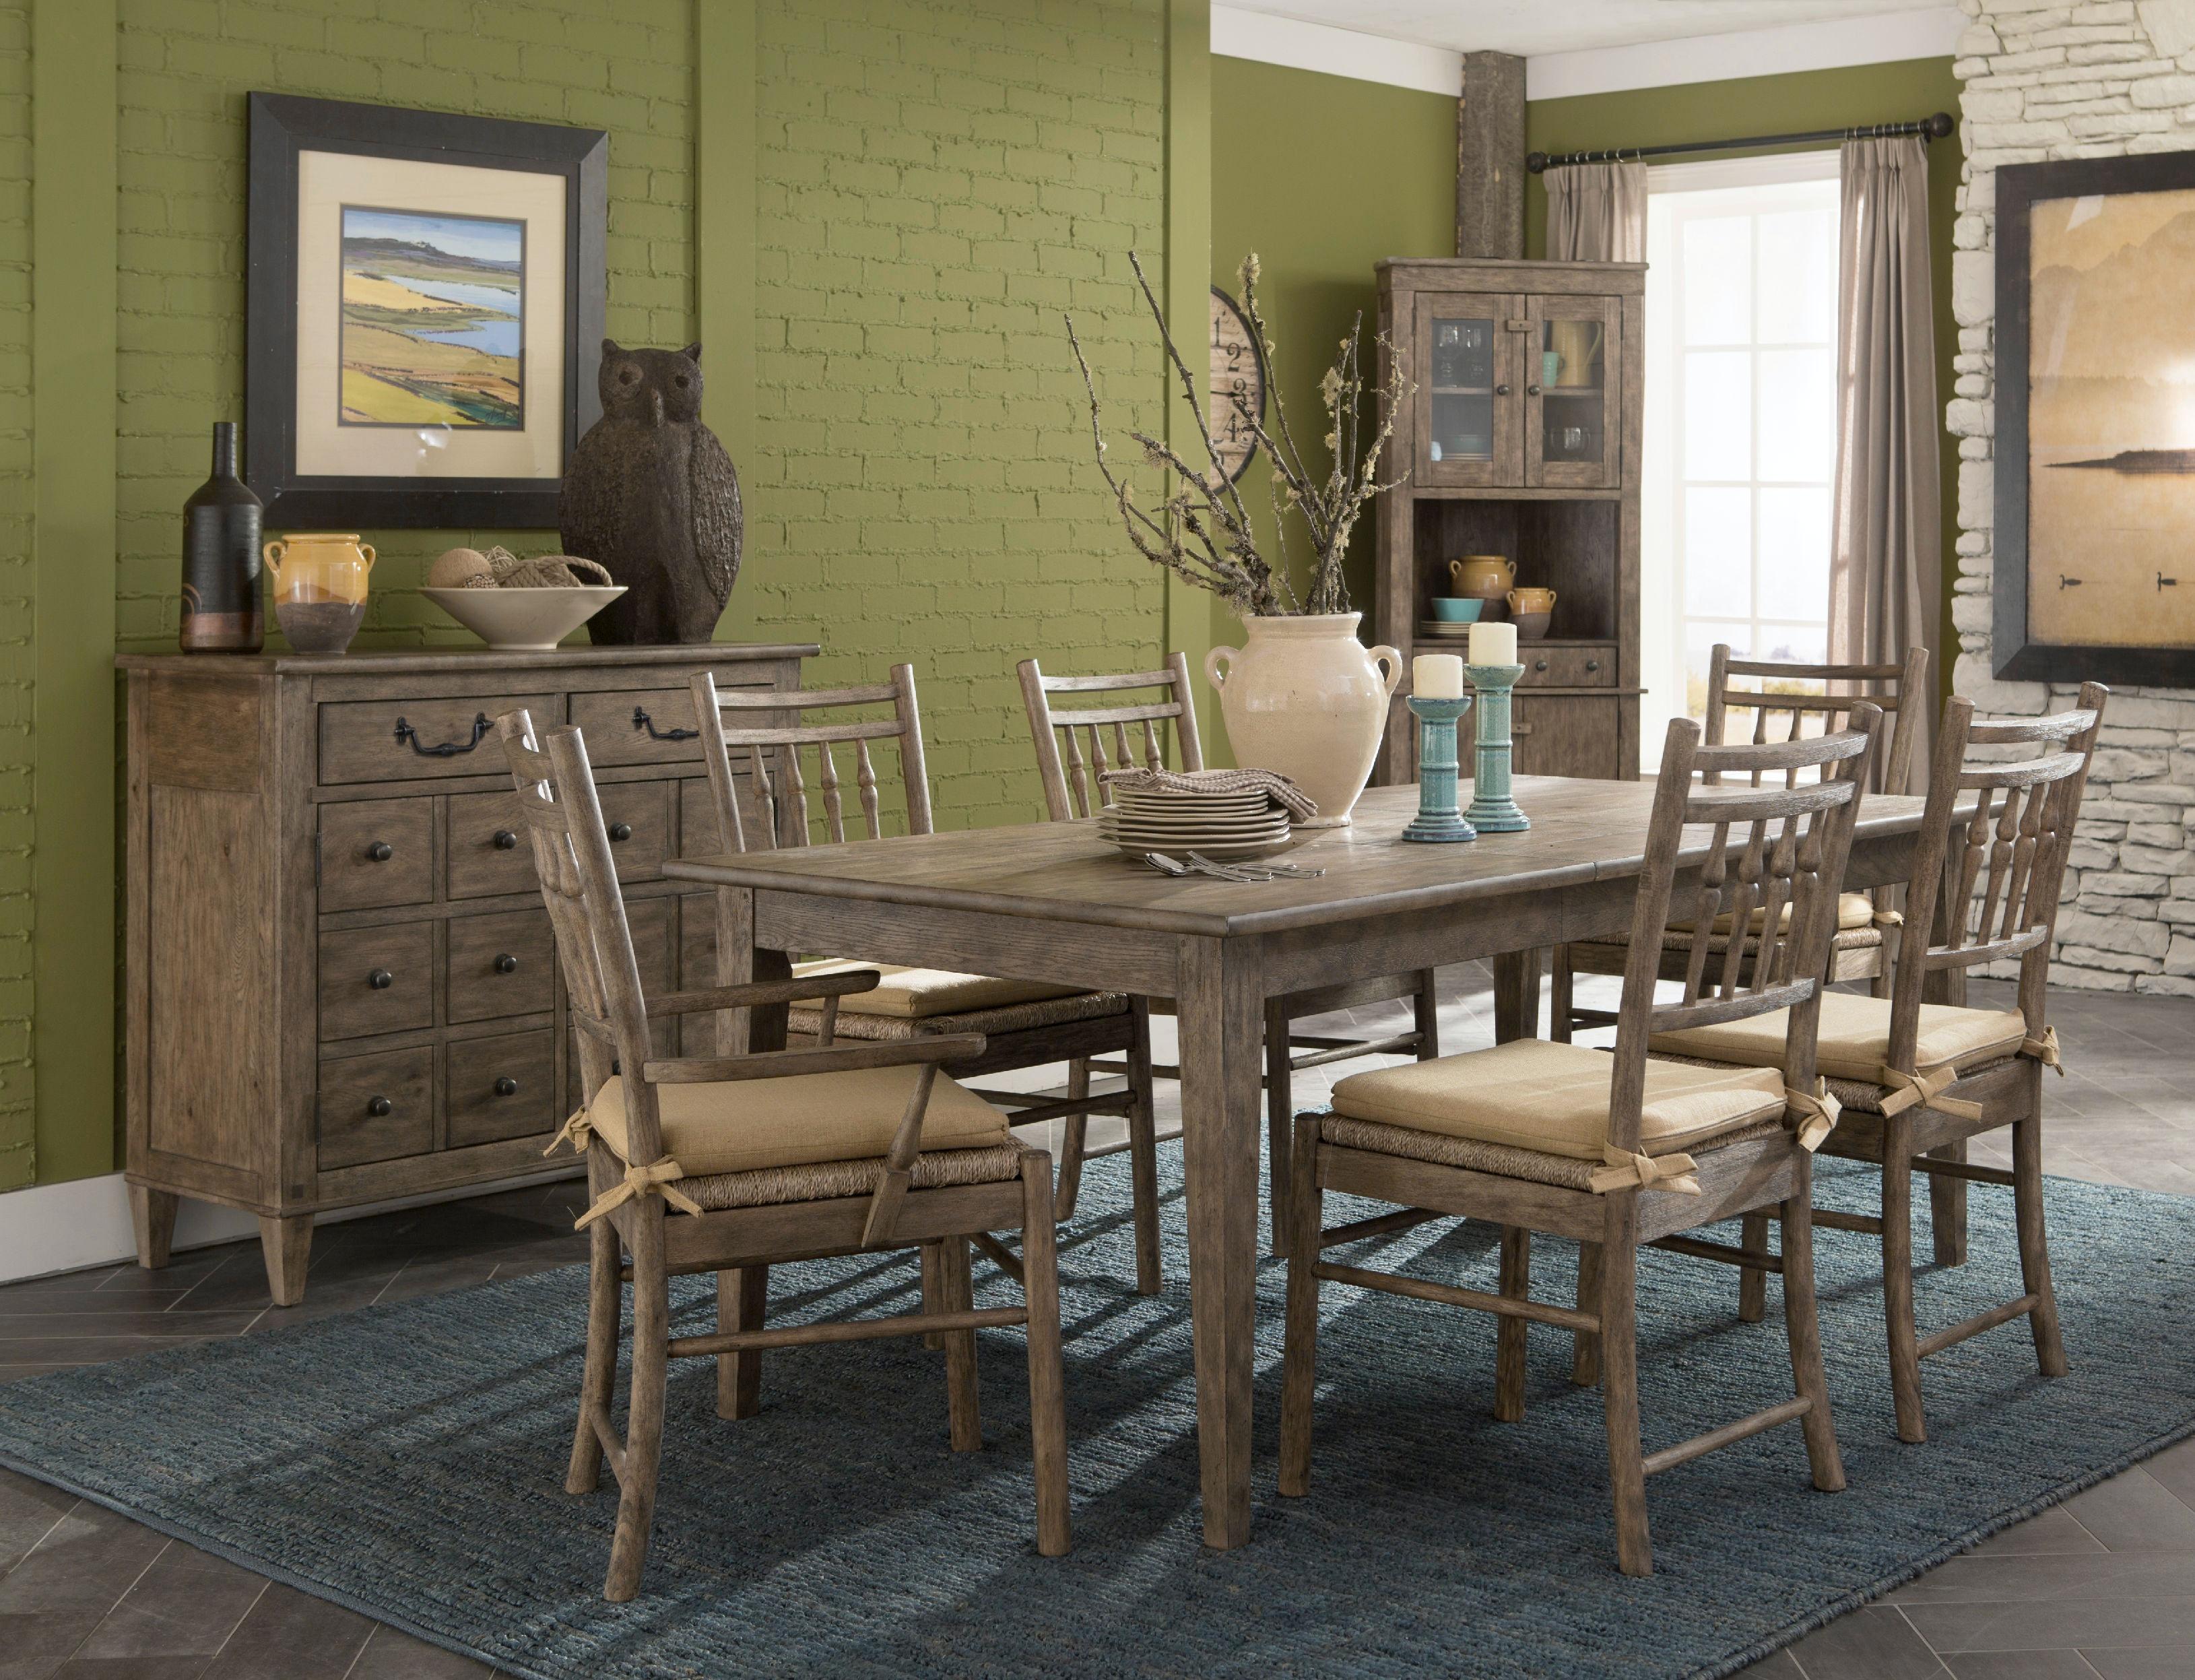 carolina preserves dining room table 451-078 drt - klaussner